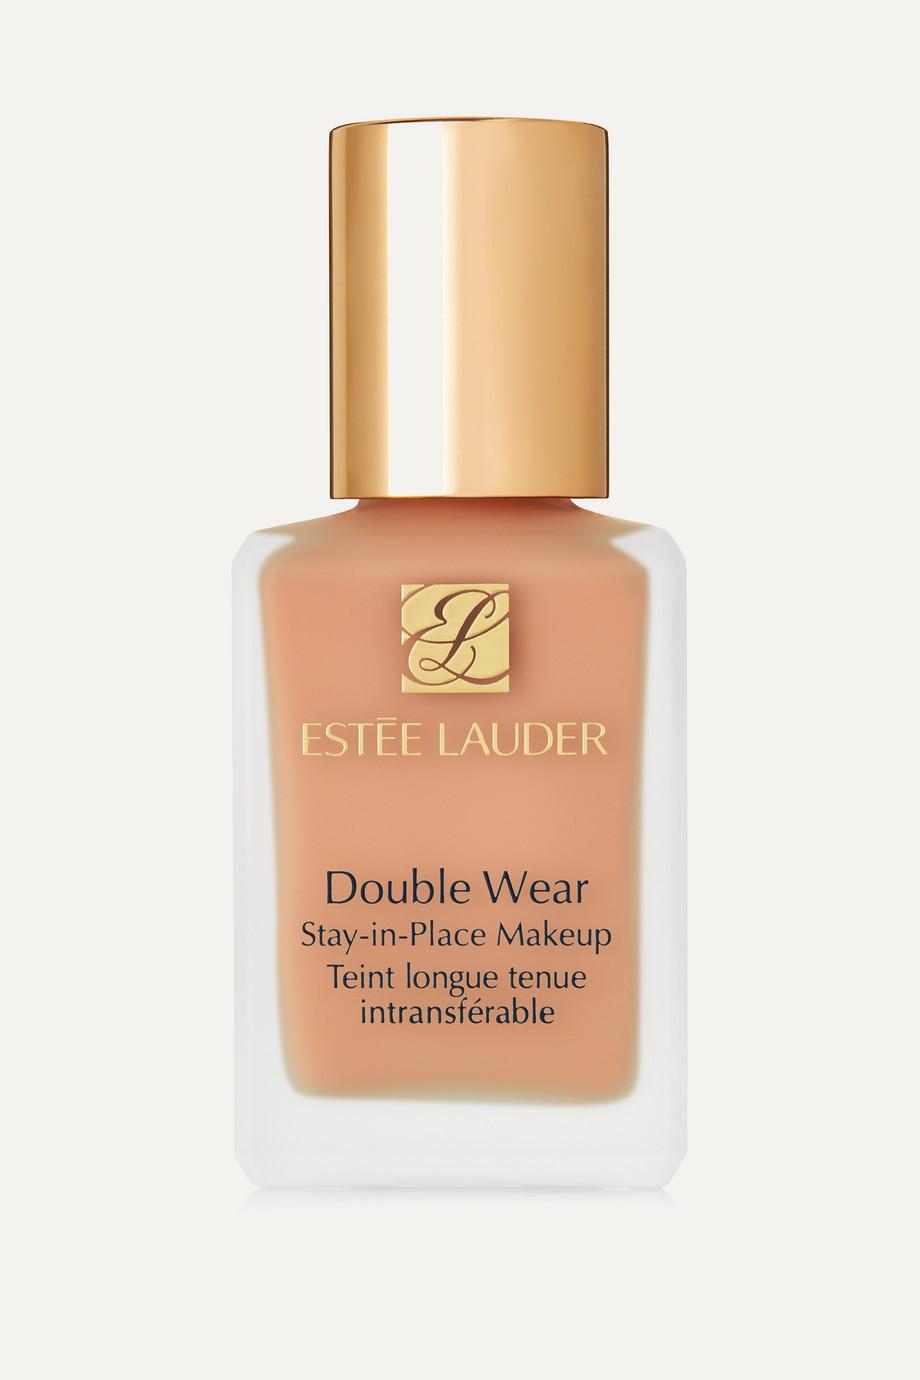 Estée Lauder Double Wear Stay-in-Place Makeup – Pure Beige 2C1 – Foundation